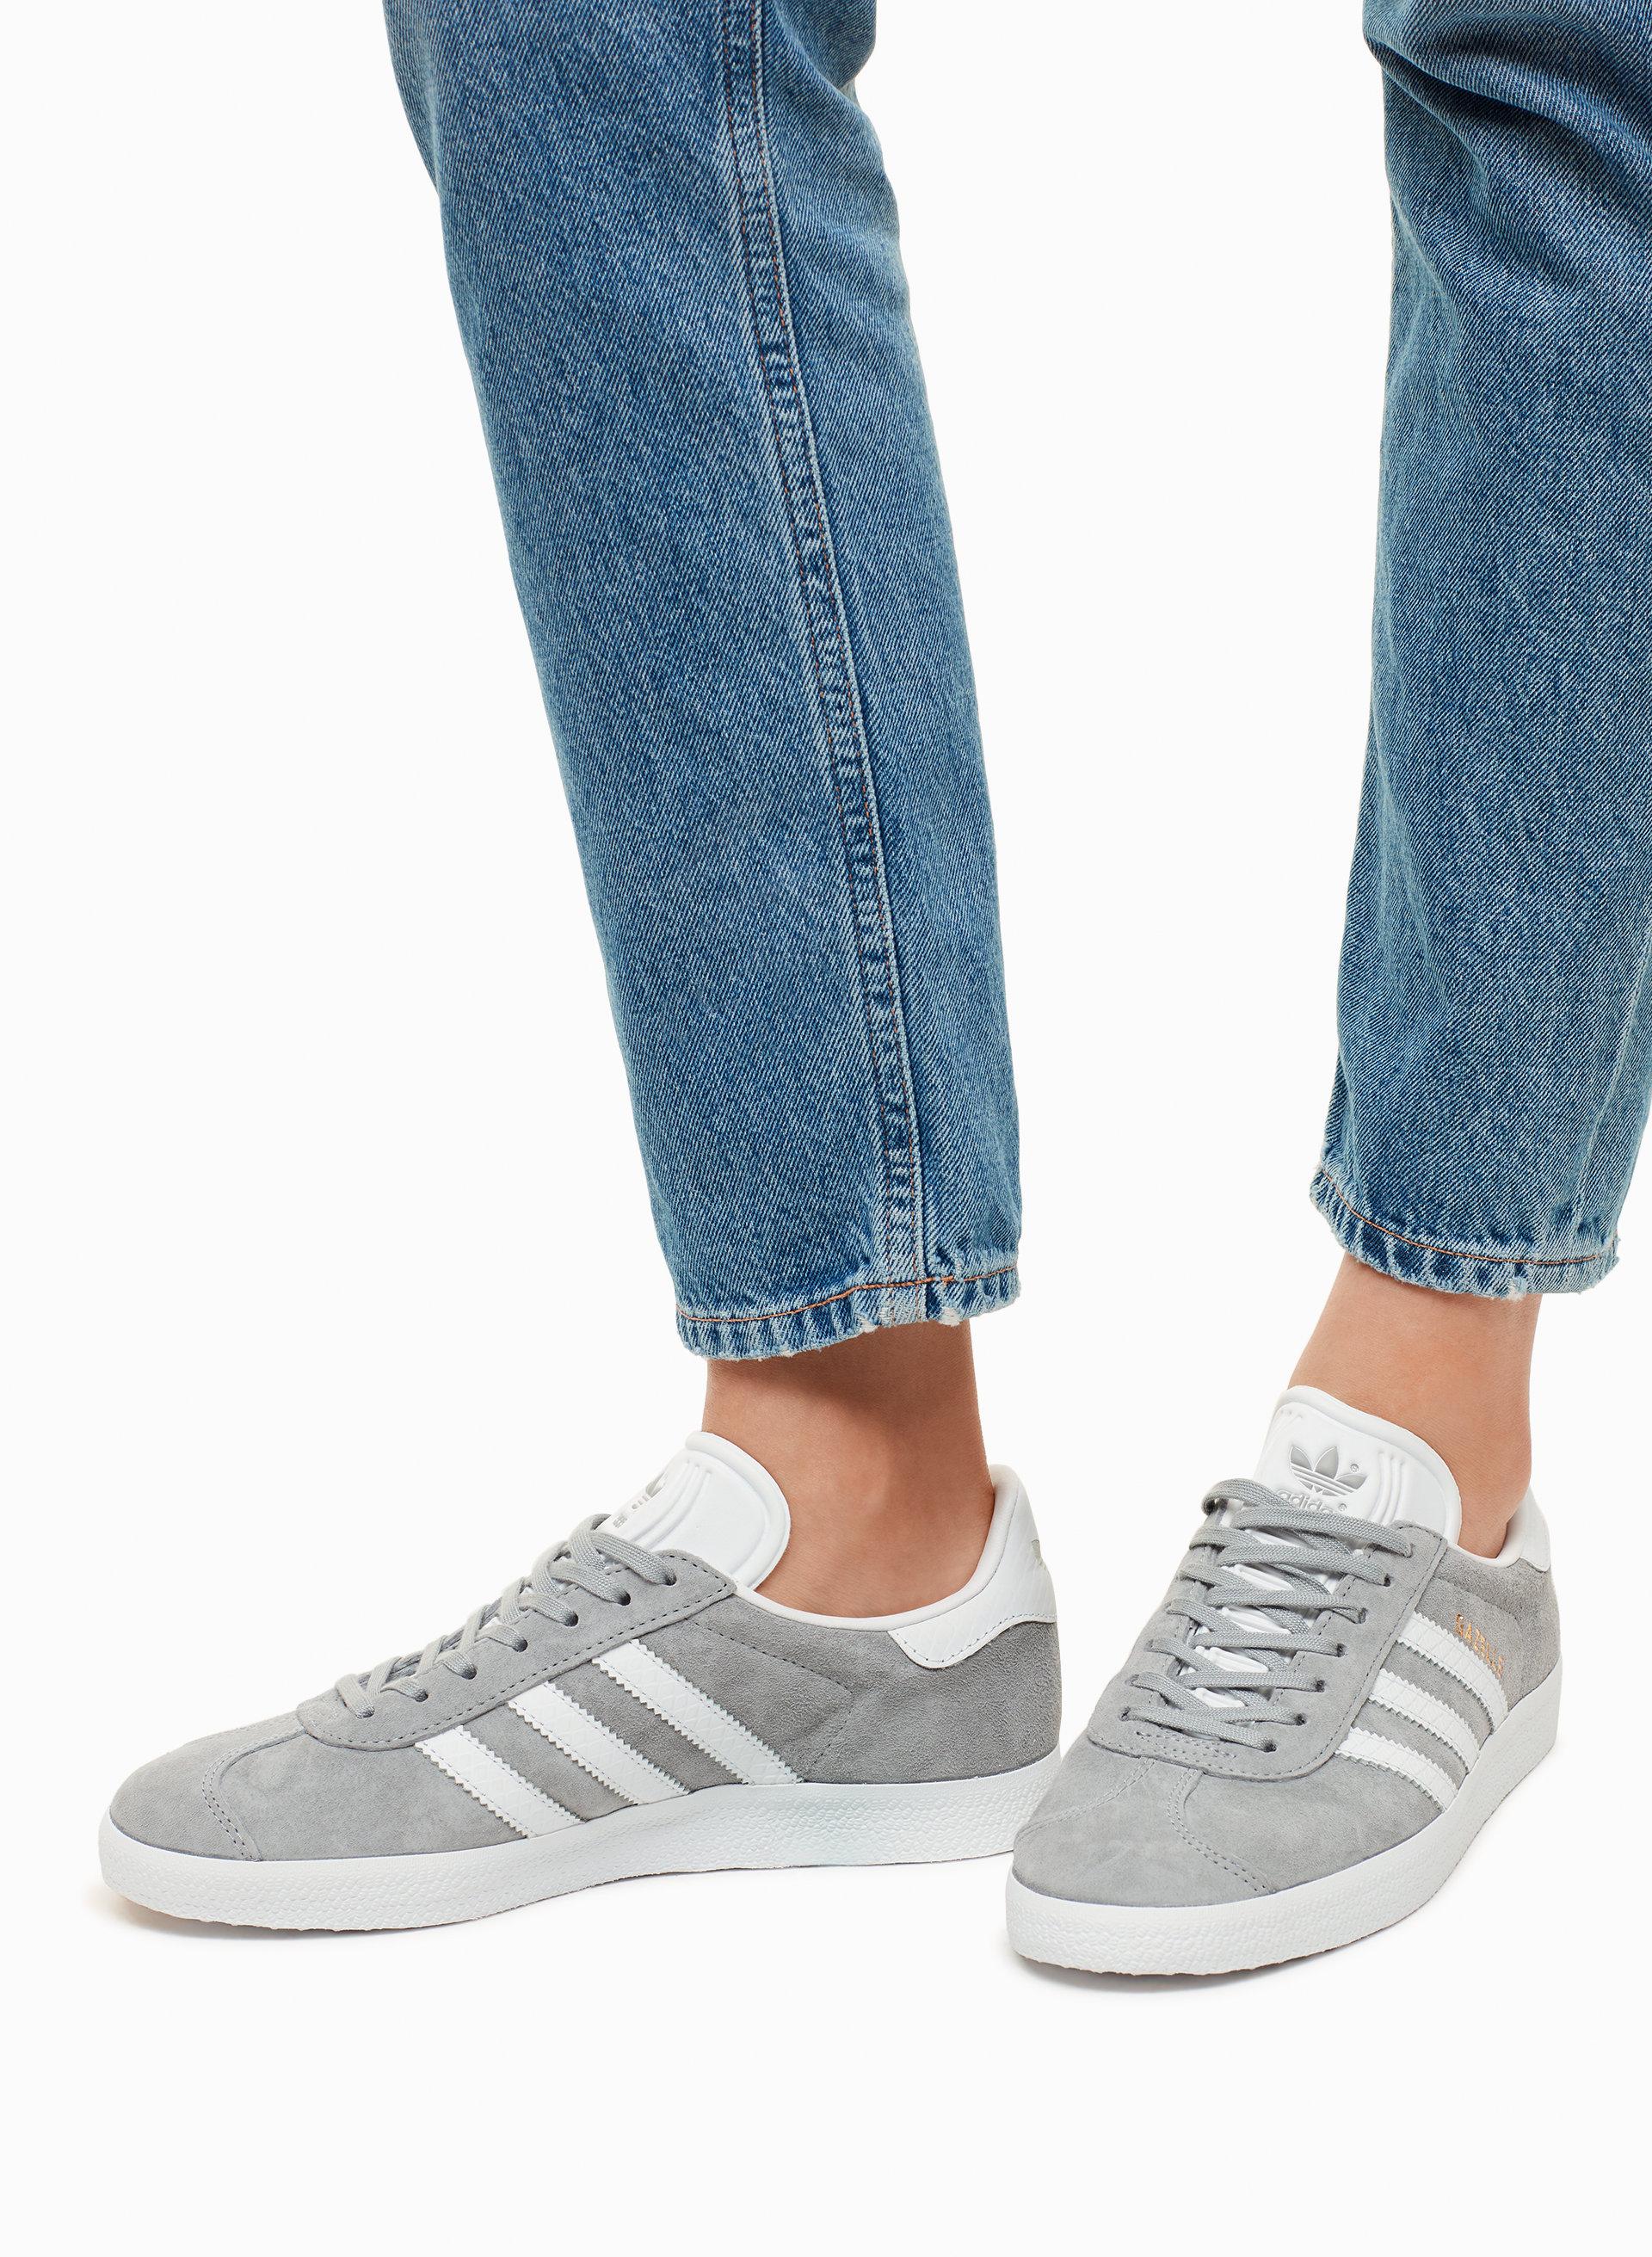 scarpe adidas gazzella aritzia noi